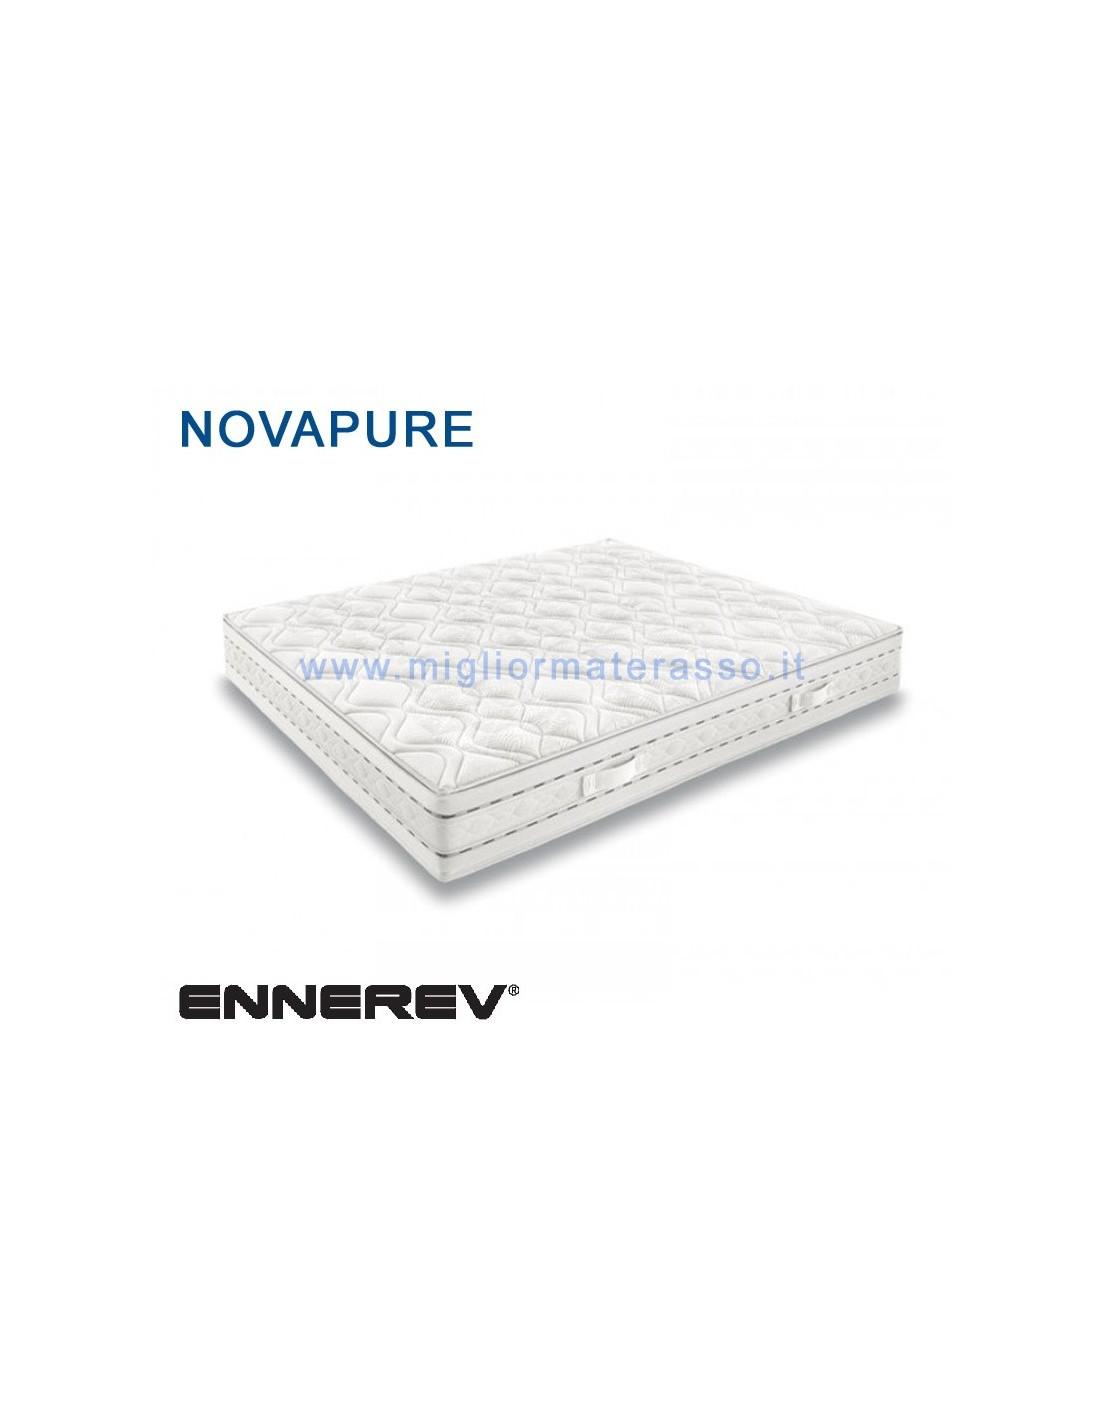 Materasso Memory Ennerev Optipure miglior materasso prezzo offerta